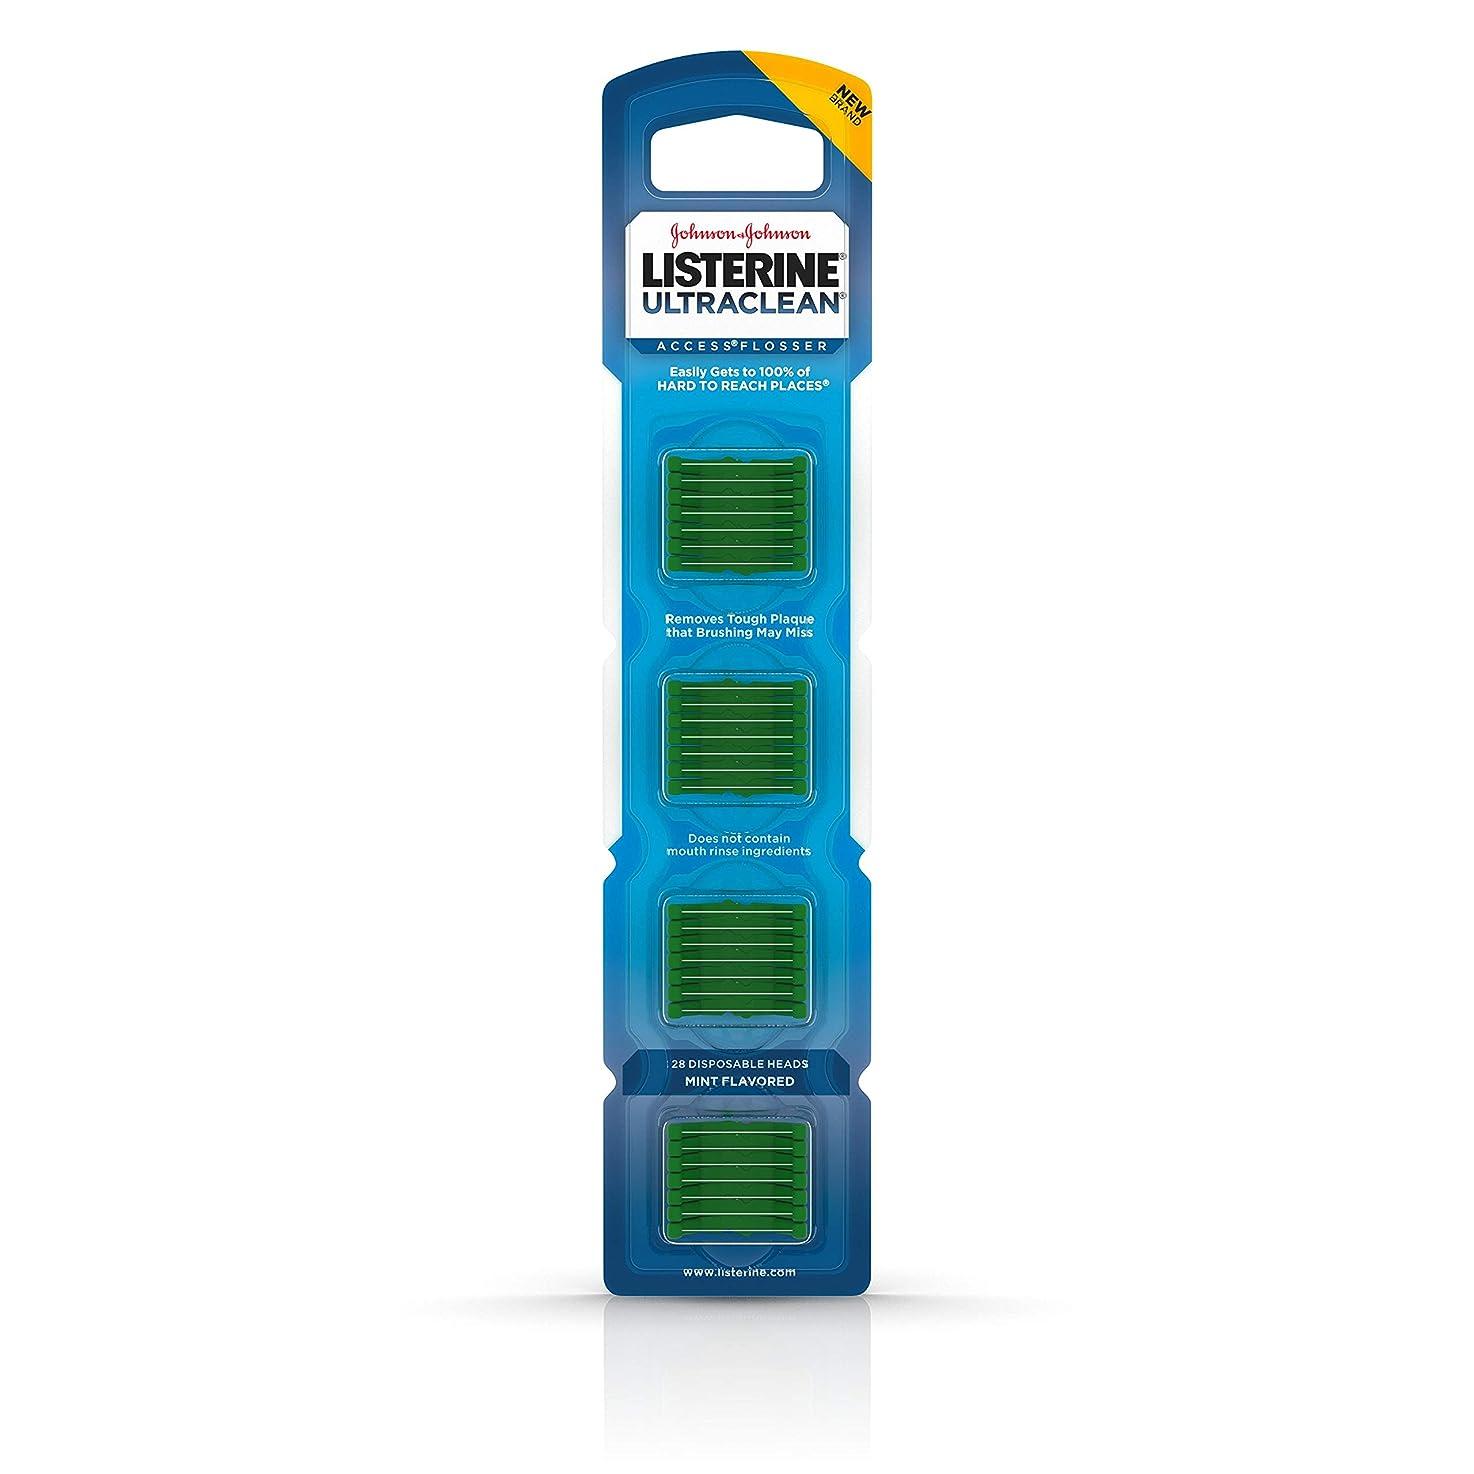 虐待カフェ未来Listerine Ultraclean Access Flosser Refill Heads, Mint, 28 Count [並行輸入品]